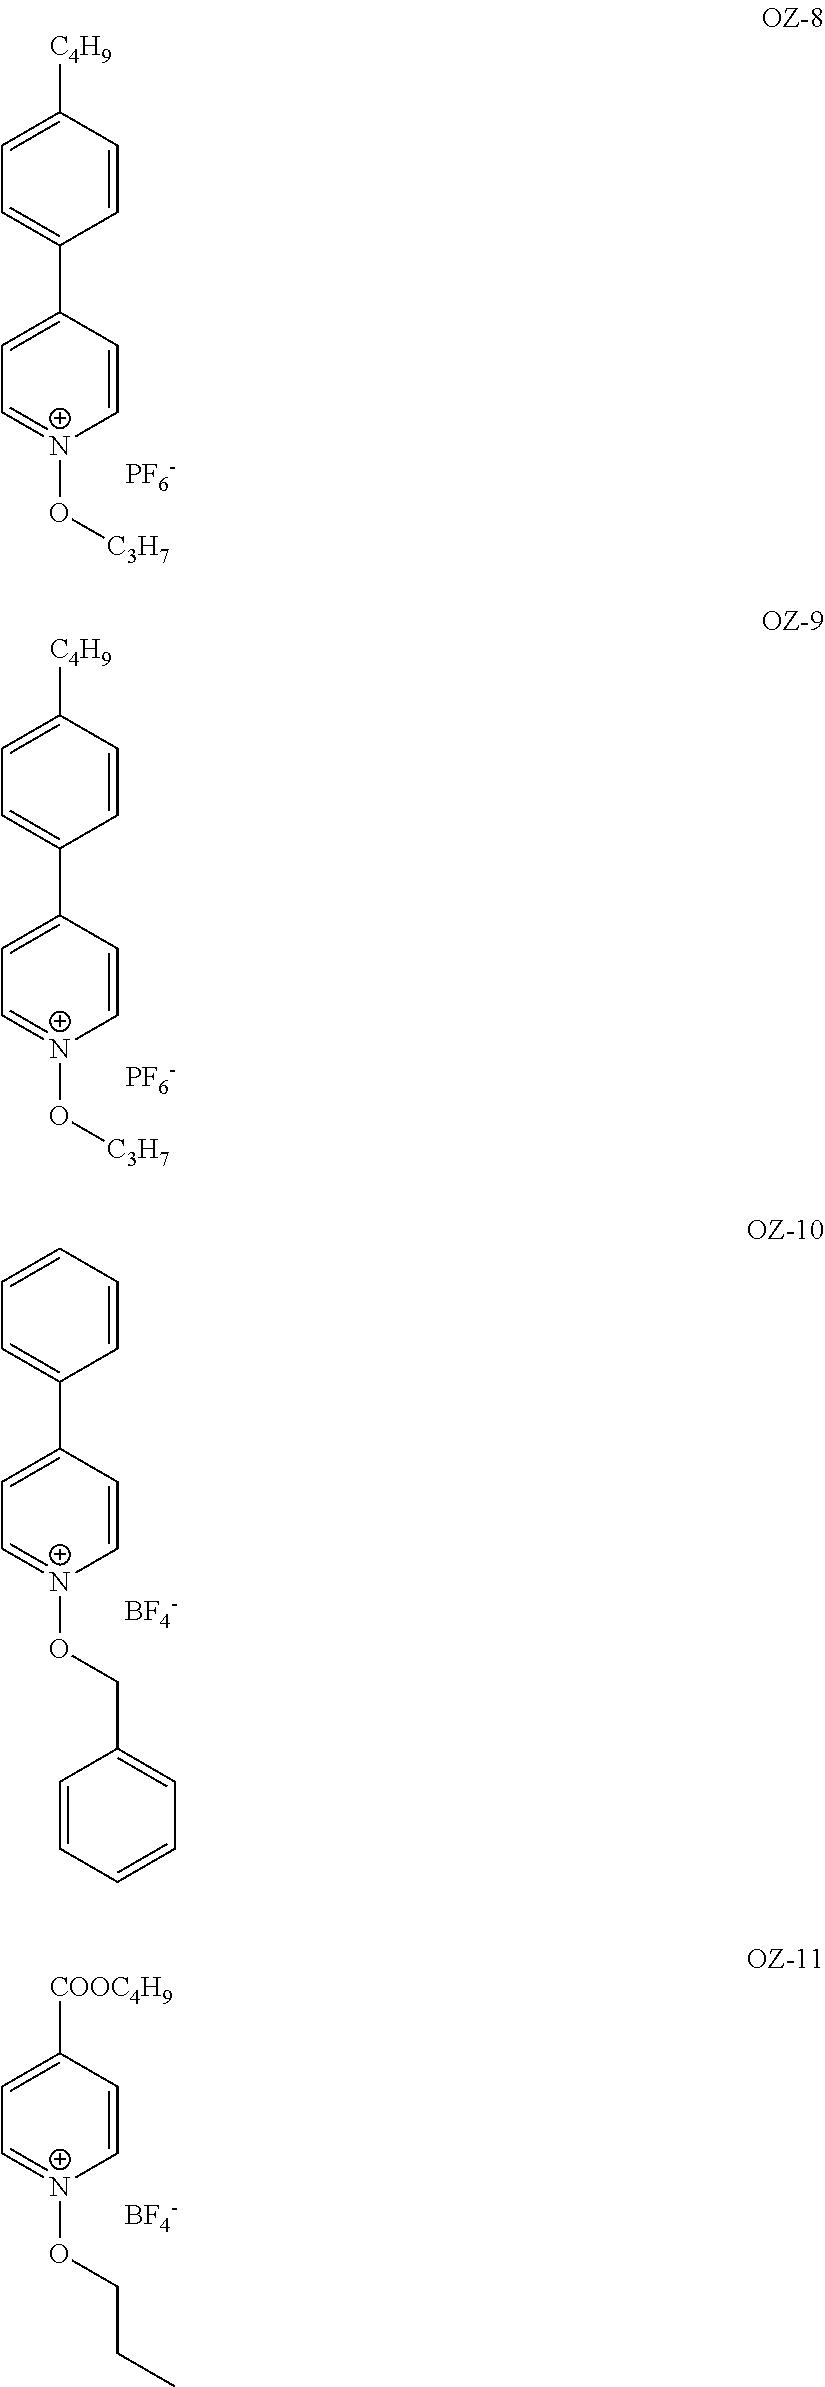 Figure US08399533-20130319-C00050